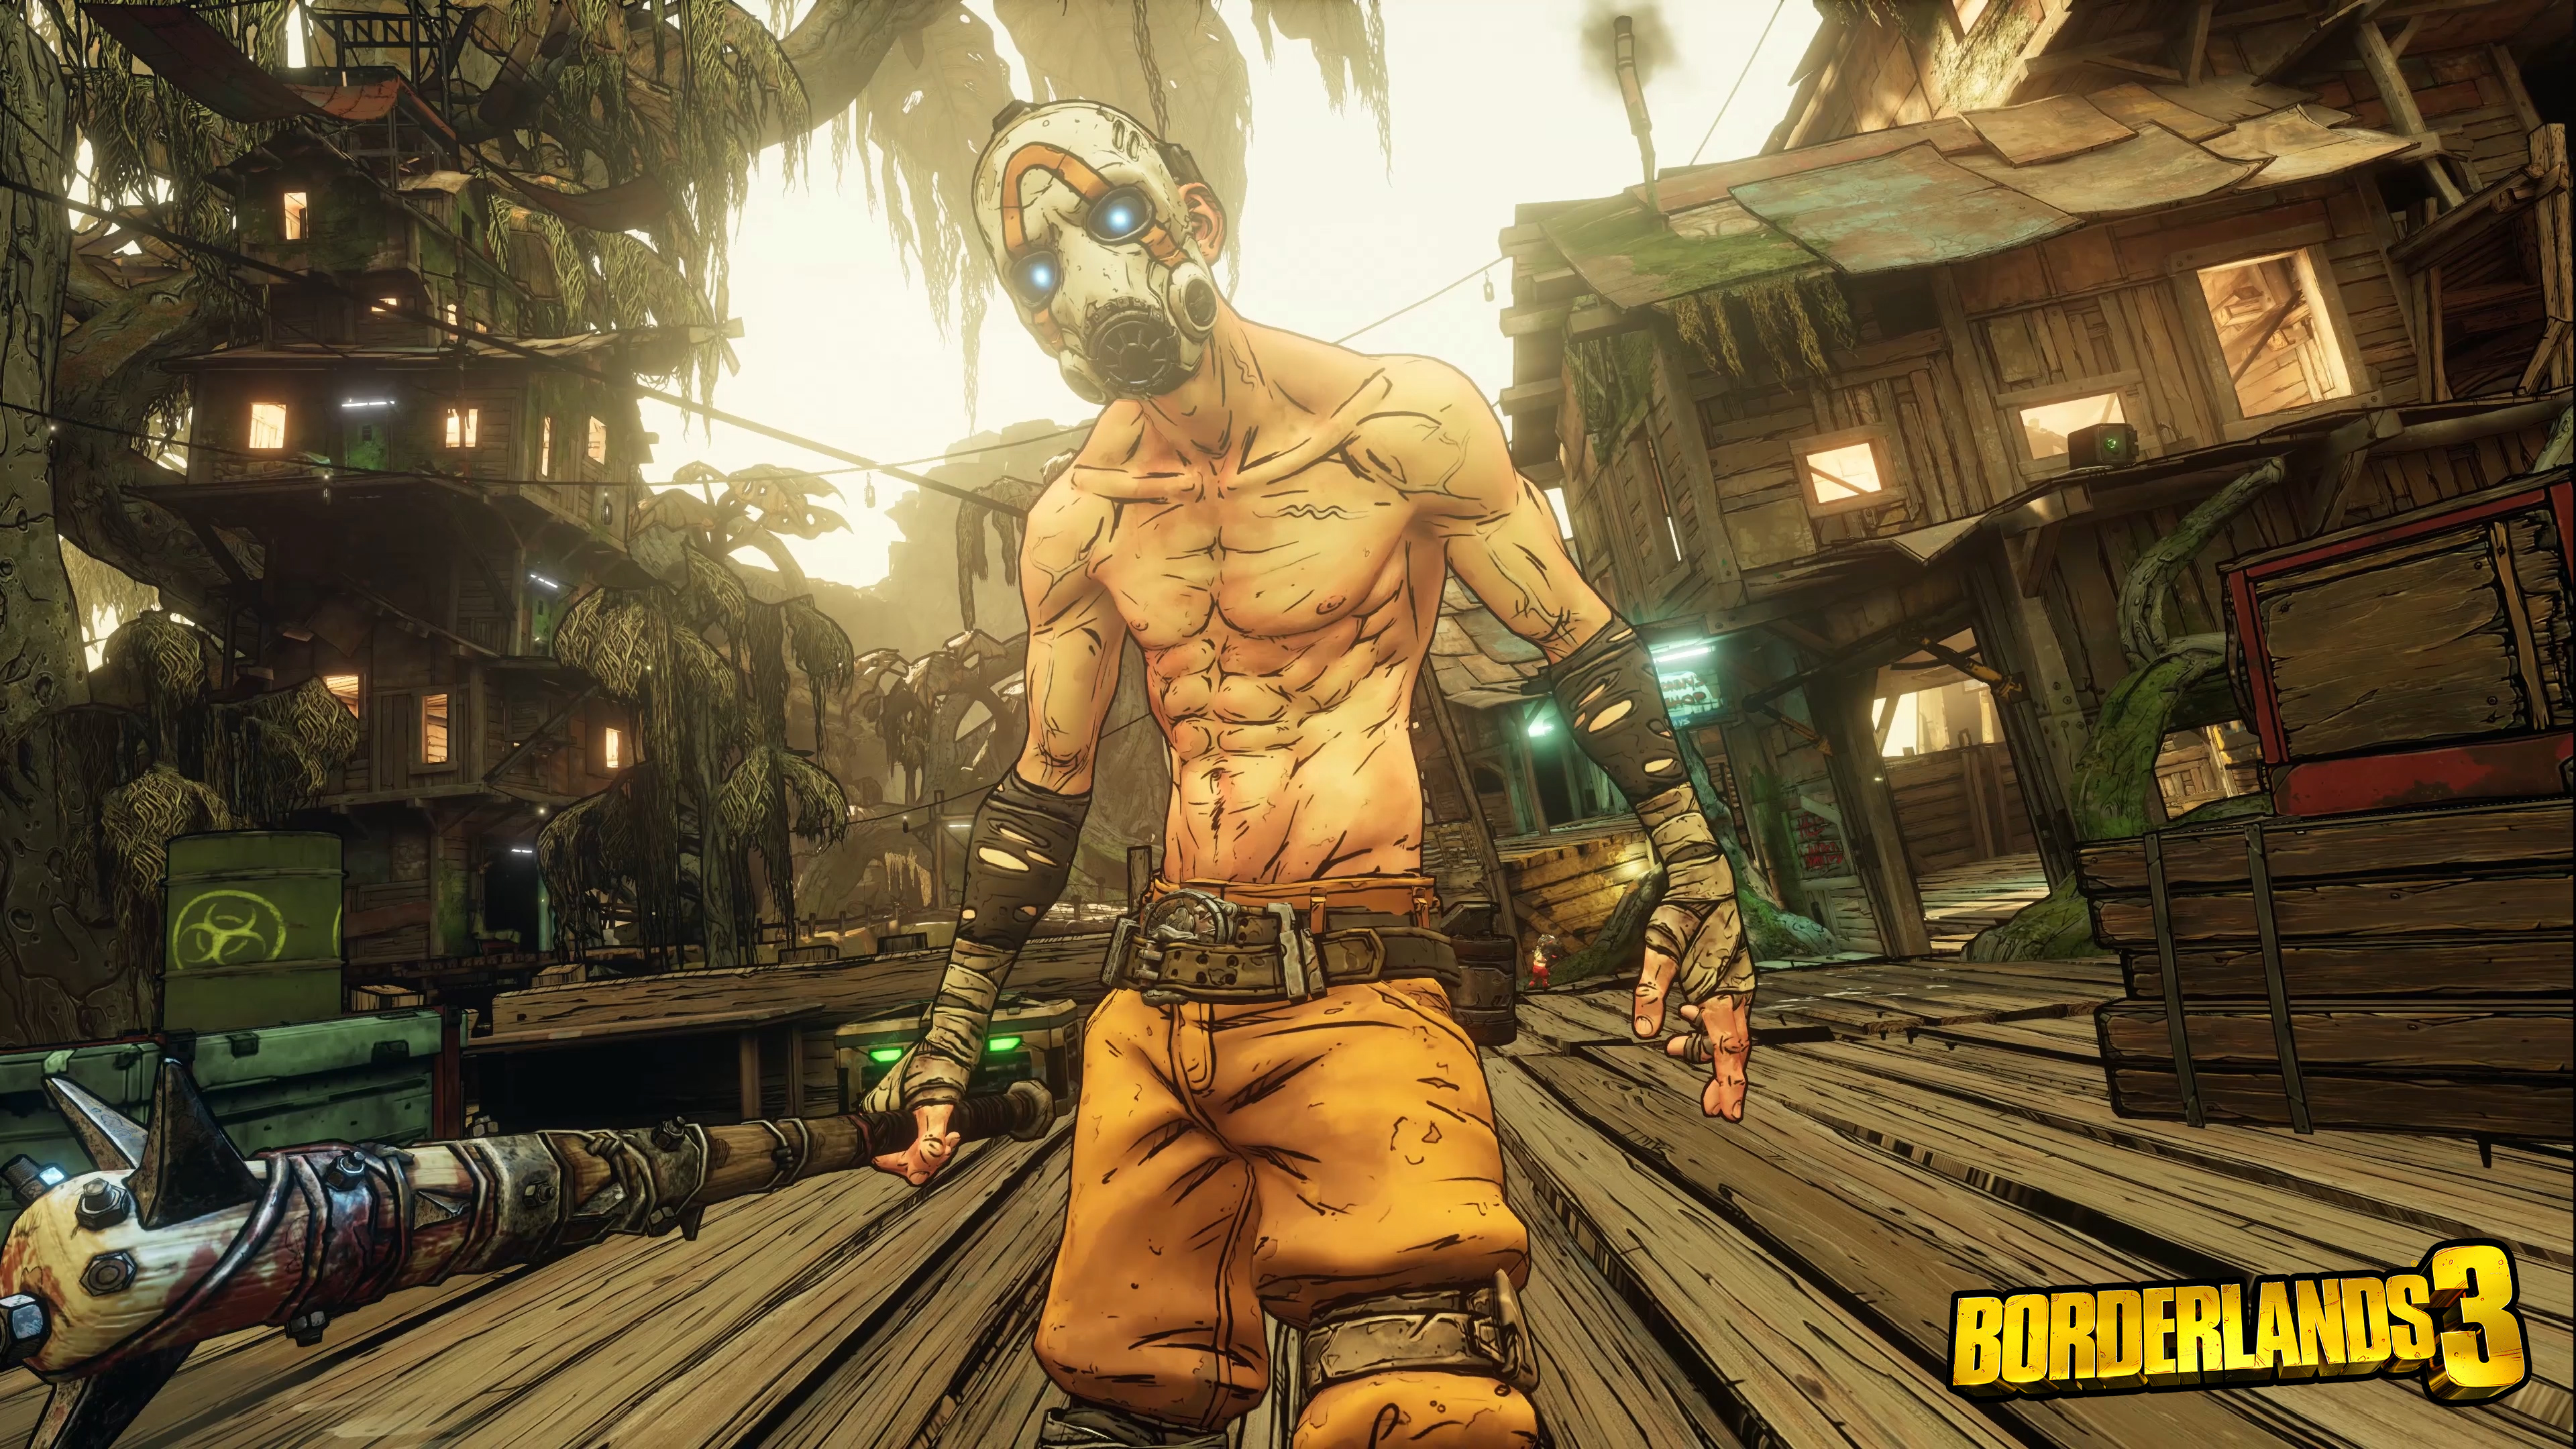 En Bandit i gasmask, gula byxor och bar överkropptittar mot kameran med en spikklubba i handen. I bakgrunden ser man en stad av träkojor.